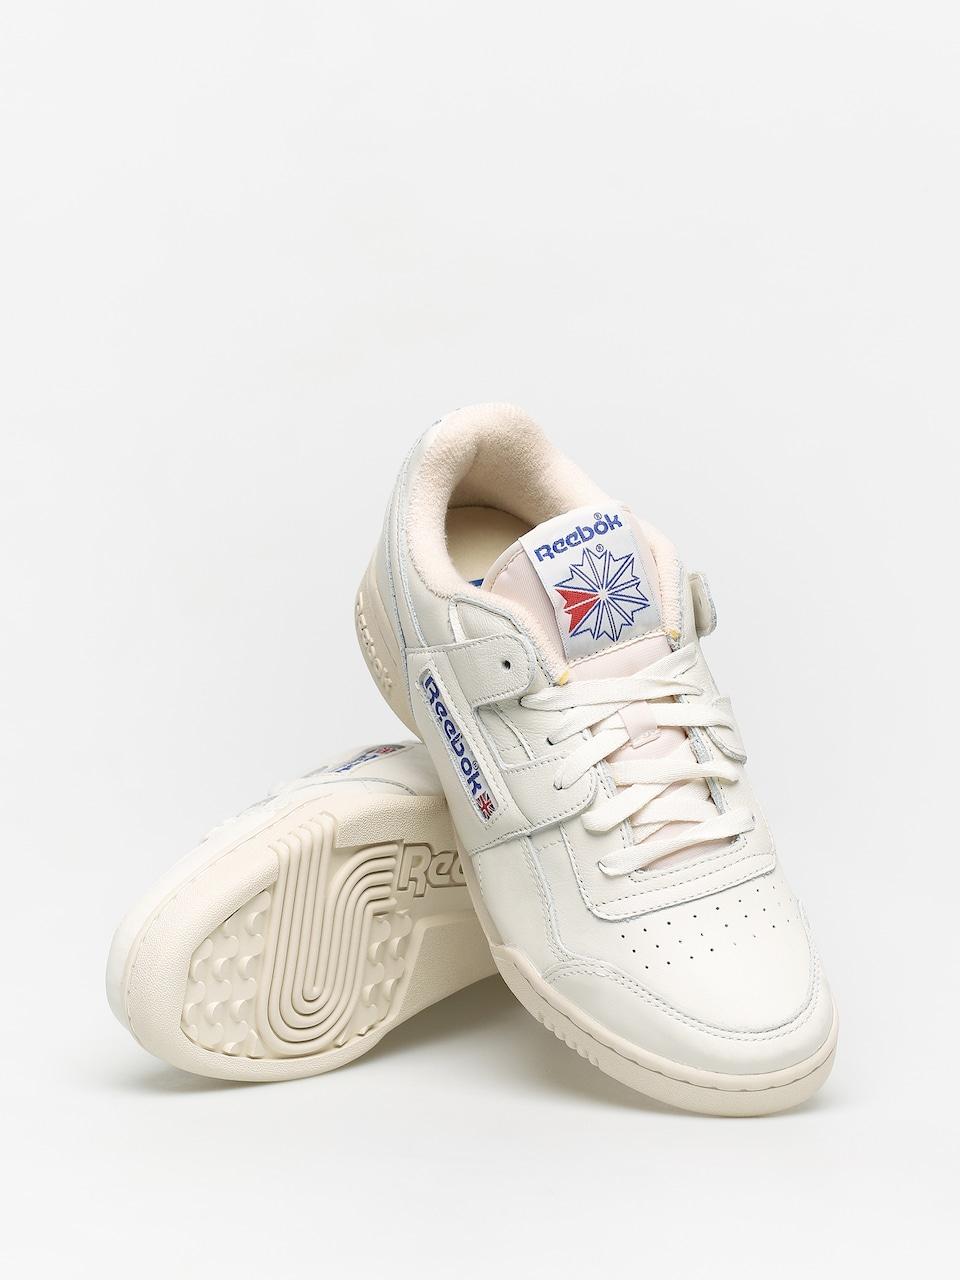 Reebok Workout Plus 1987 Tv Shoes